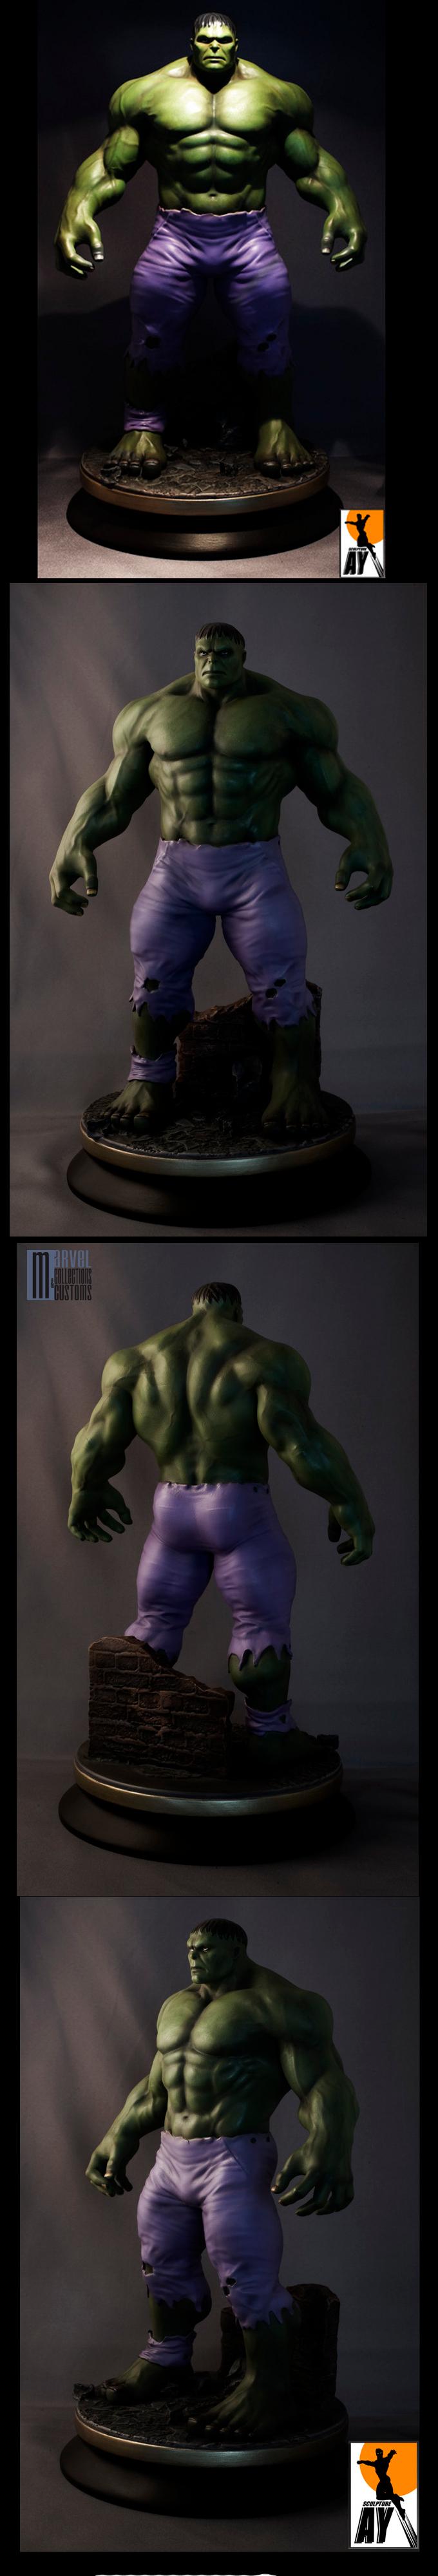 Les travaux de AY sculpture Hulk_Aysculpture